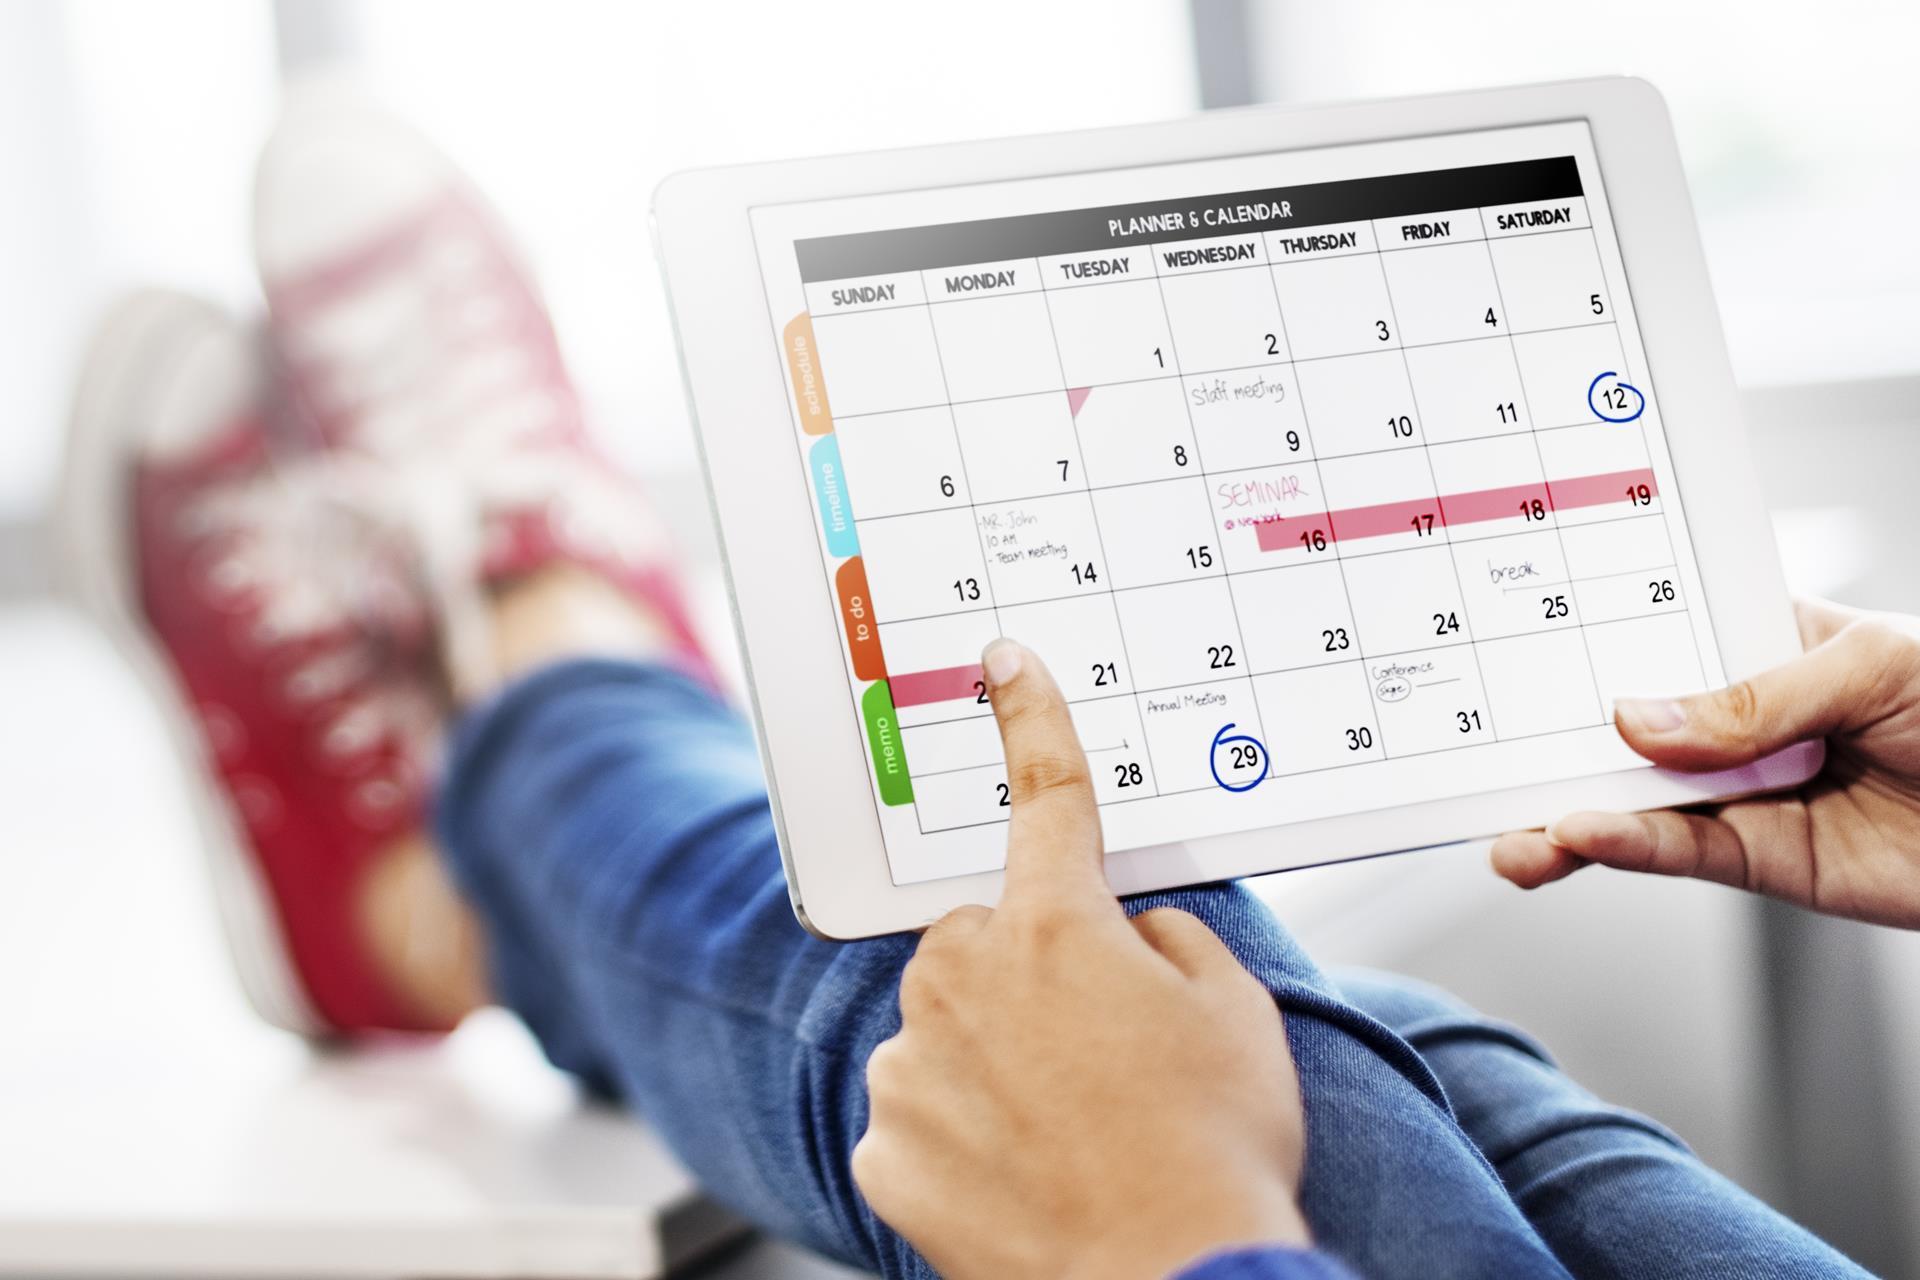 Calendario Nazionali.Le Giornate Nazionali E Mondiali Da Ricordare Per I Vostri